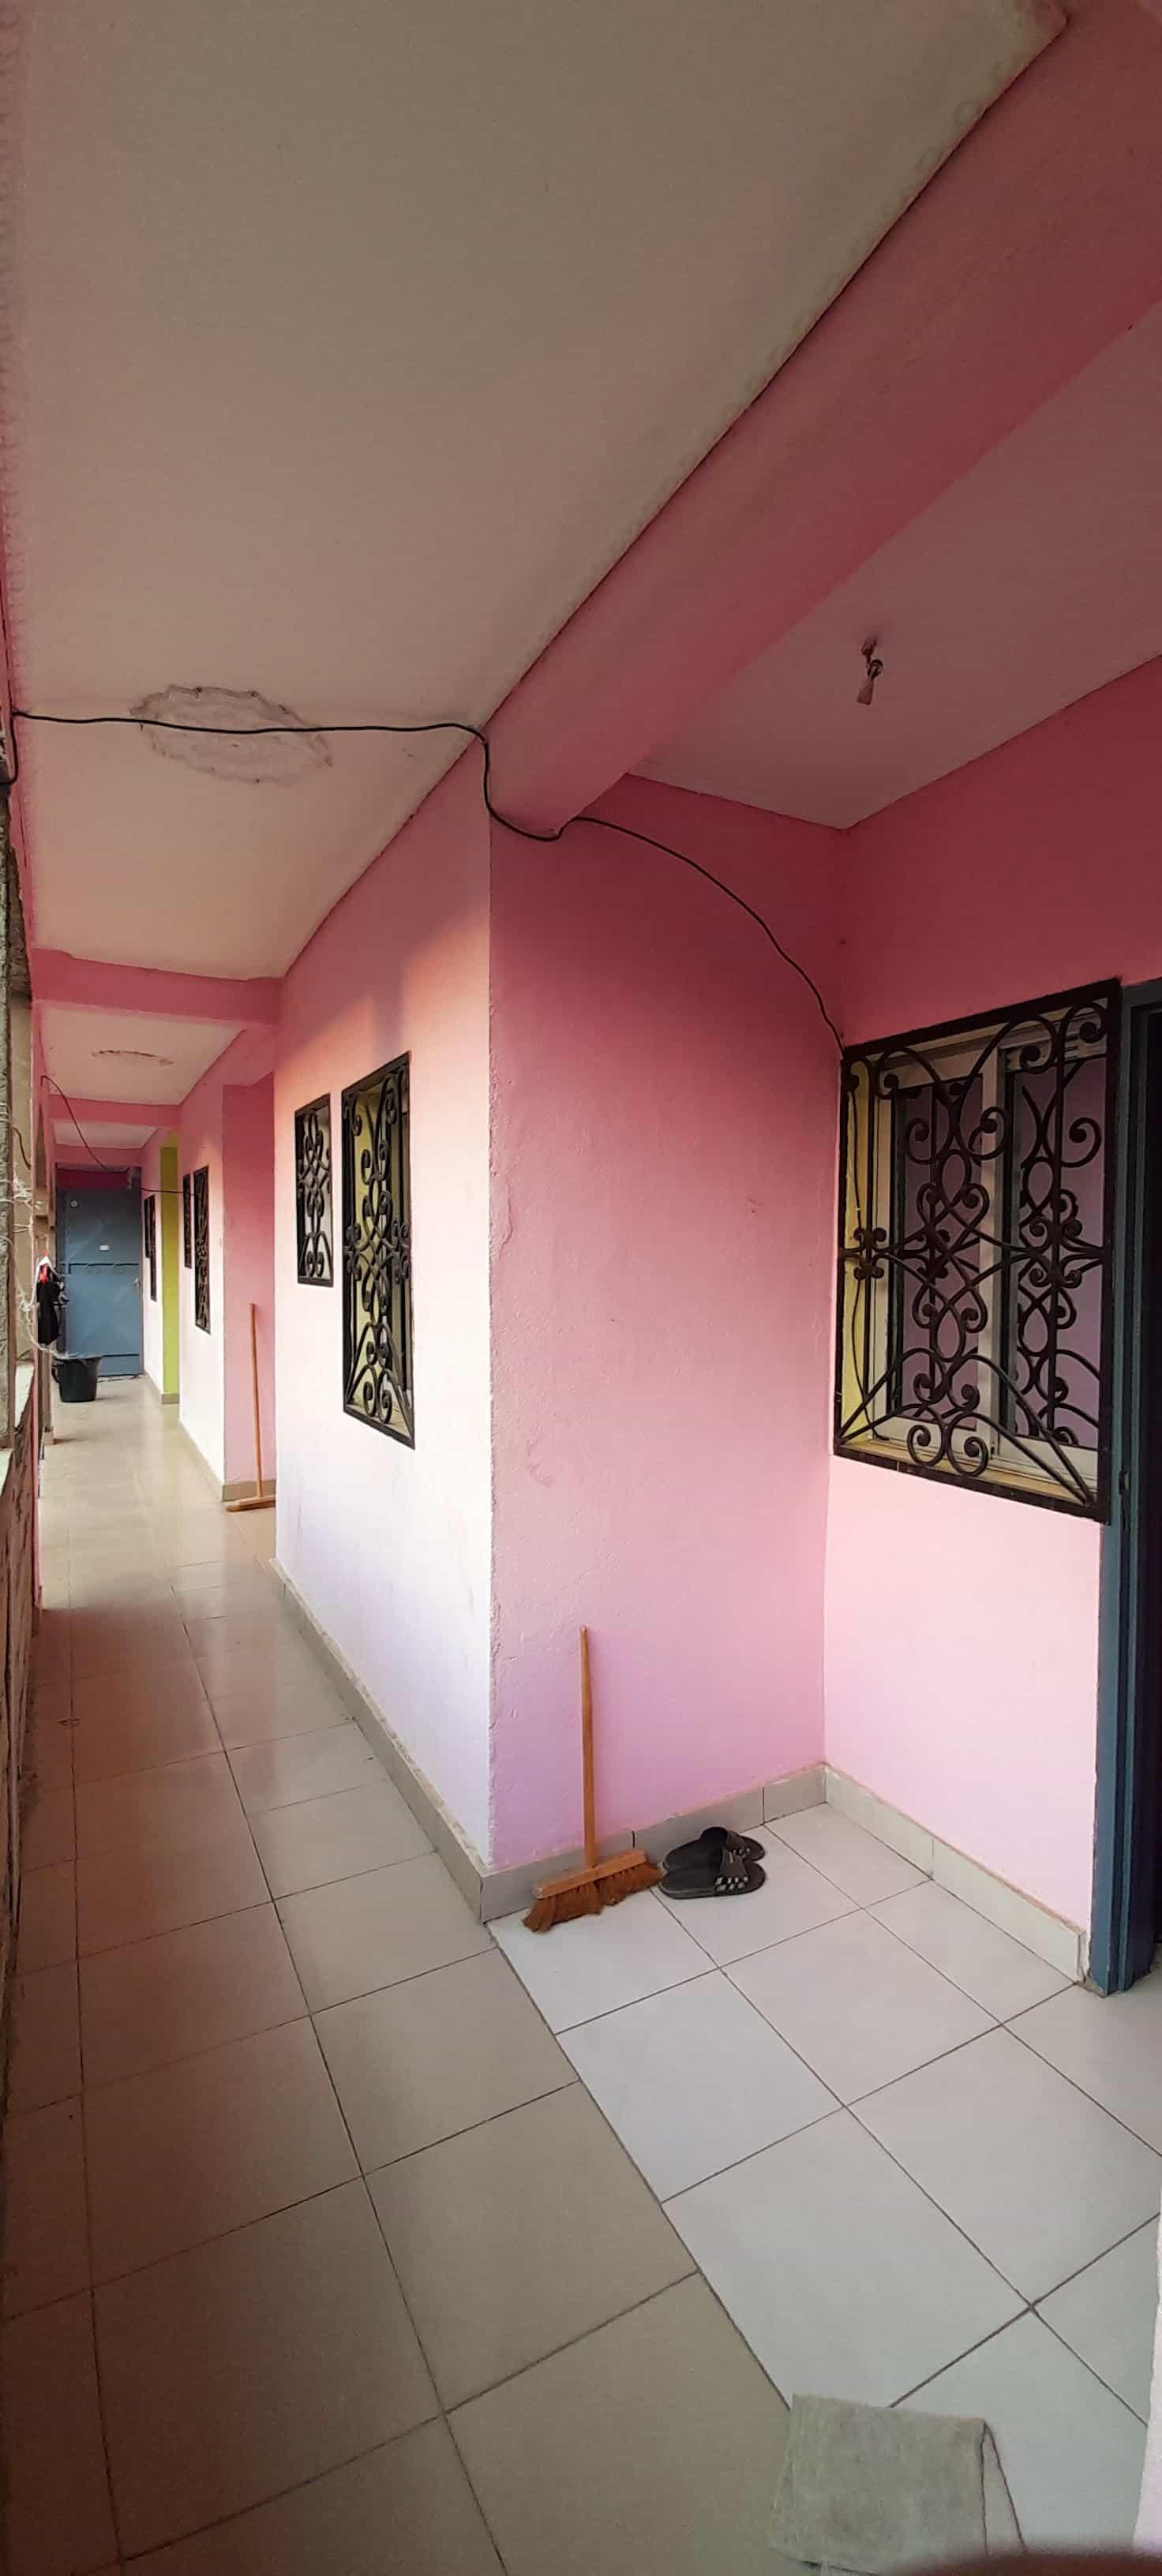 Chambre à louer - Douala, Makepe, Rhône Poulenc - 40 000 FCFA / mois